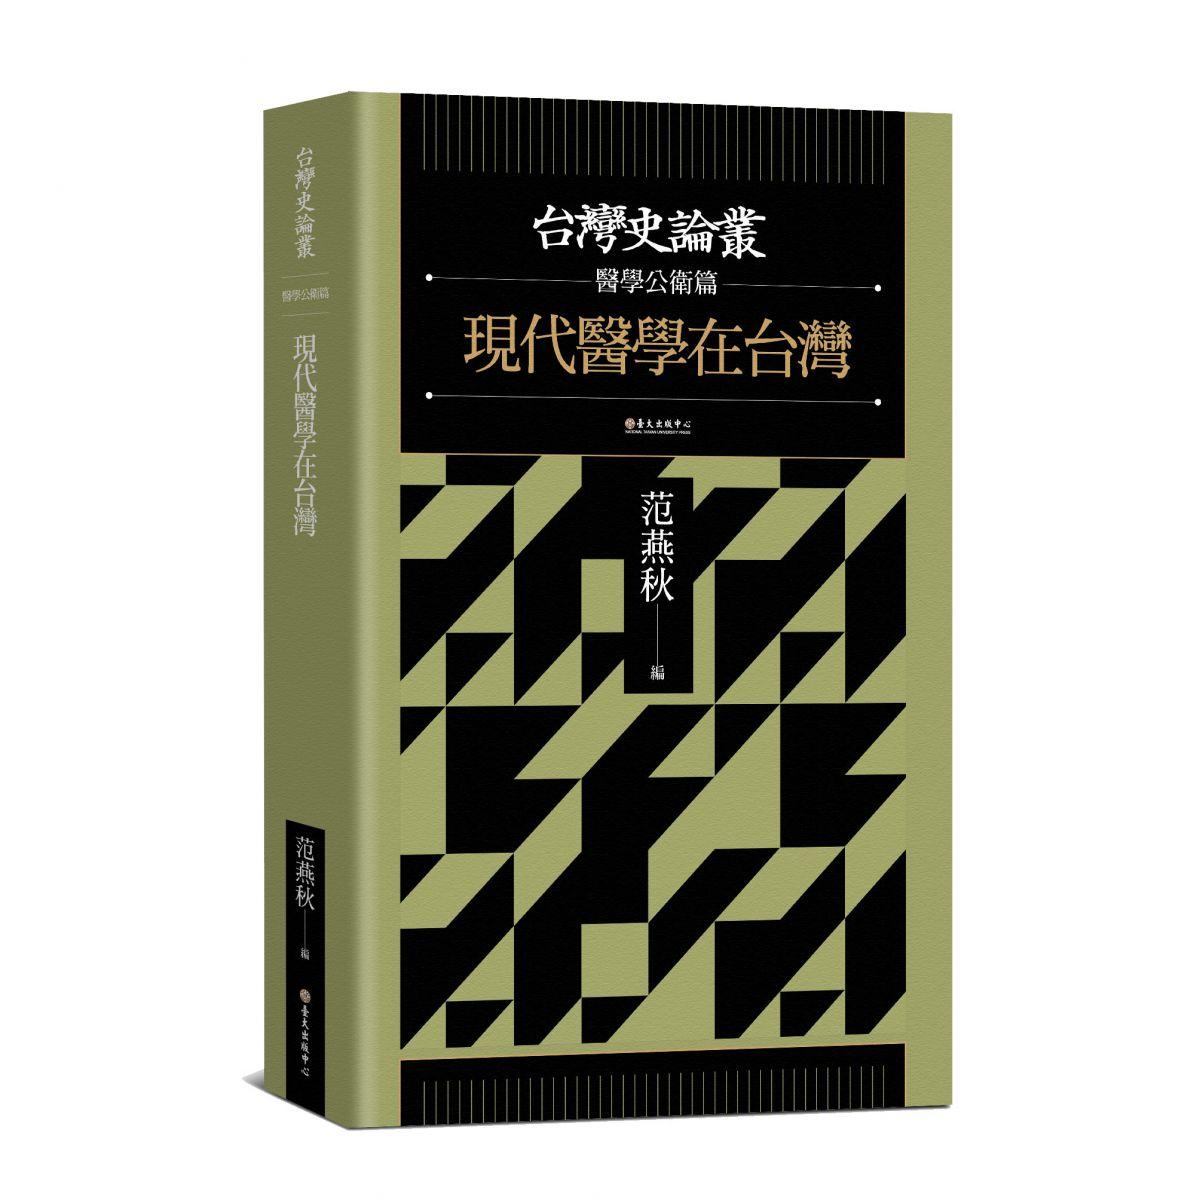 《現代醫學在台灣》探討西方現代醫學在台灣所展開的歷史意義